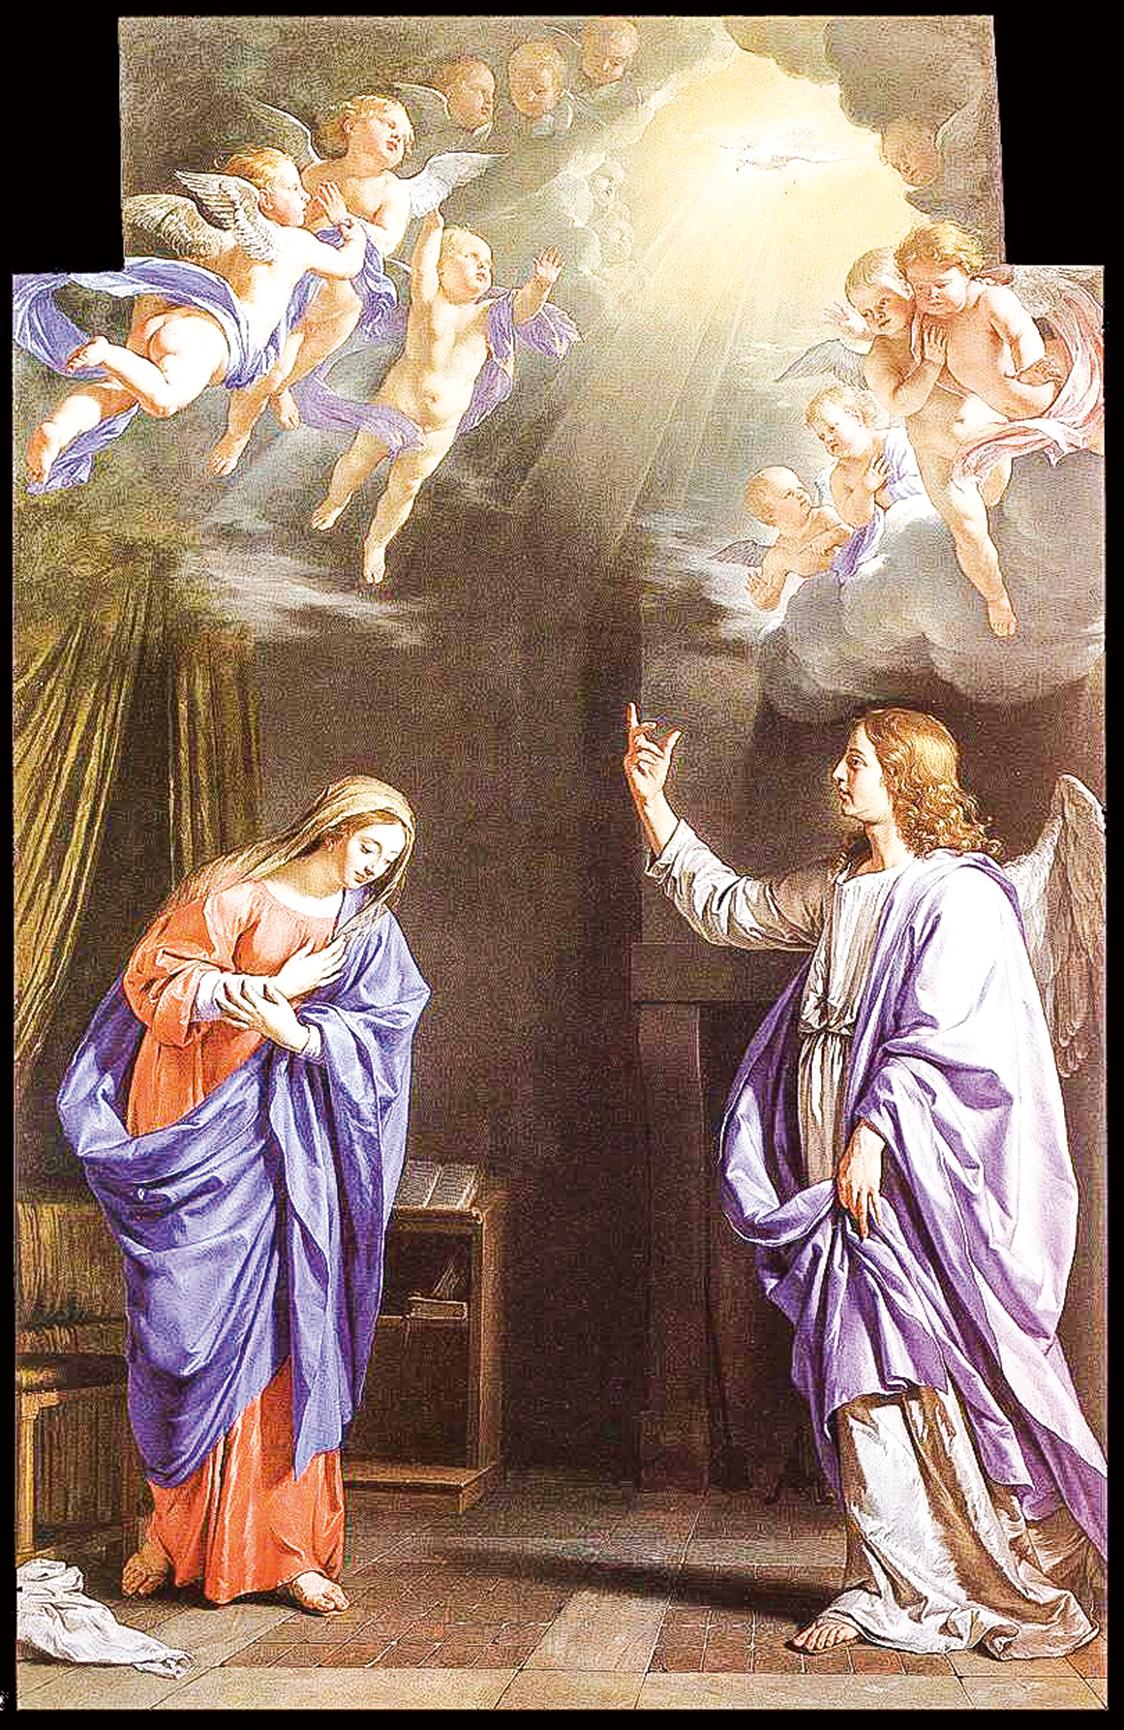 法國古典主義畫家尚拜涅(Philippe de Champaigne)1645年繪製的《天使報喜》。華萊士收藏。(公有領域)